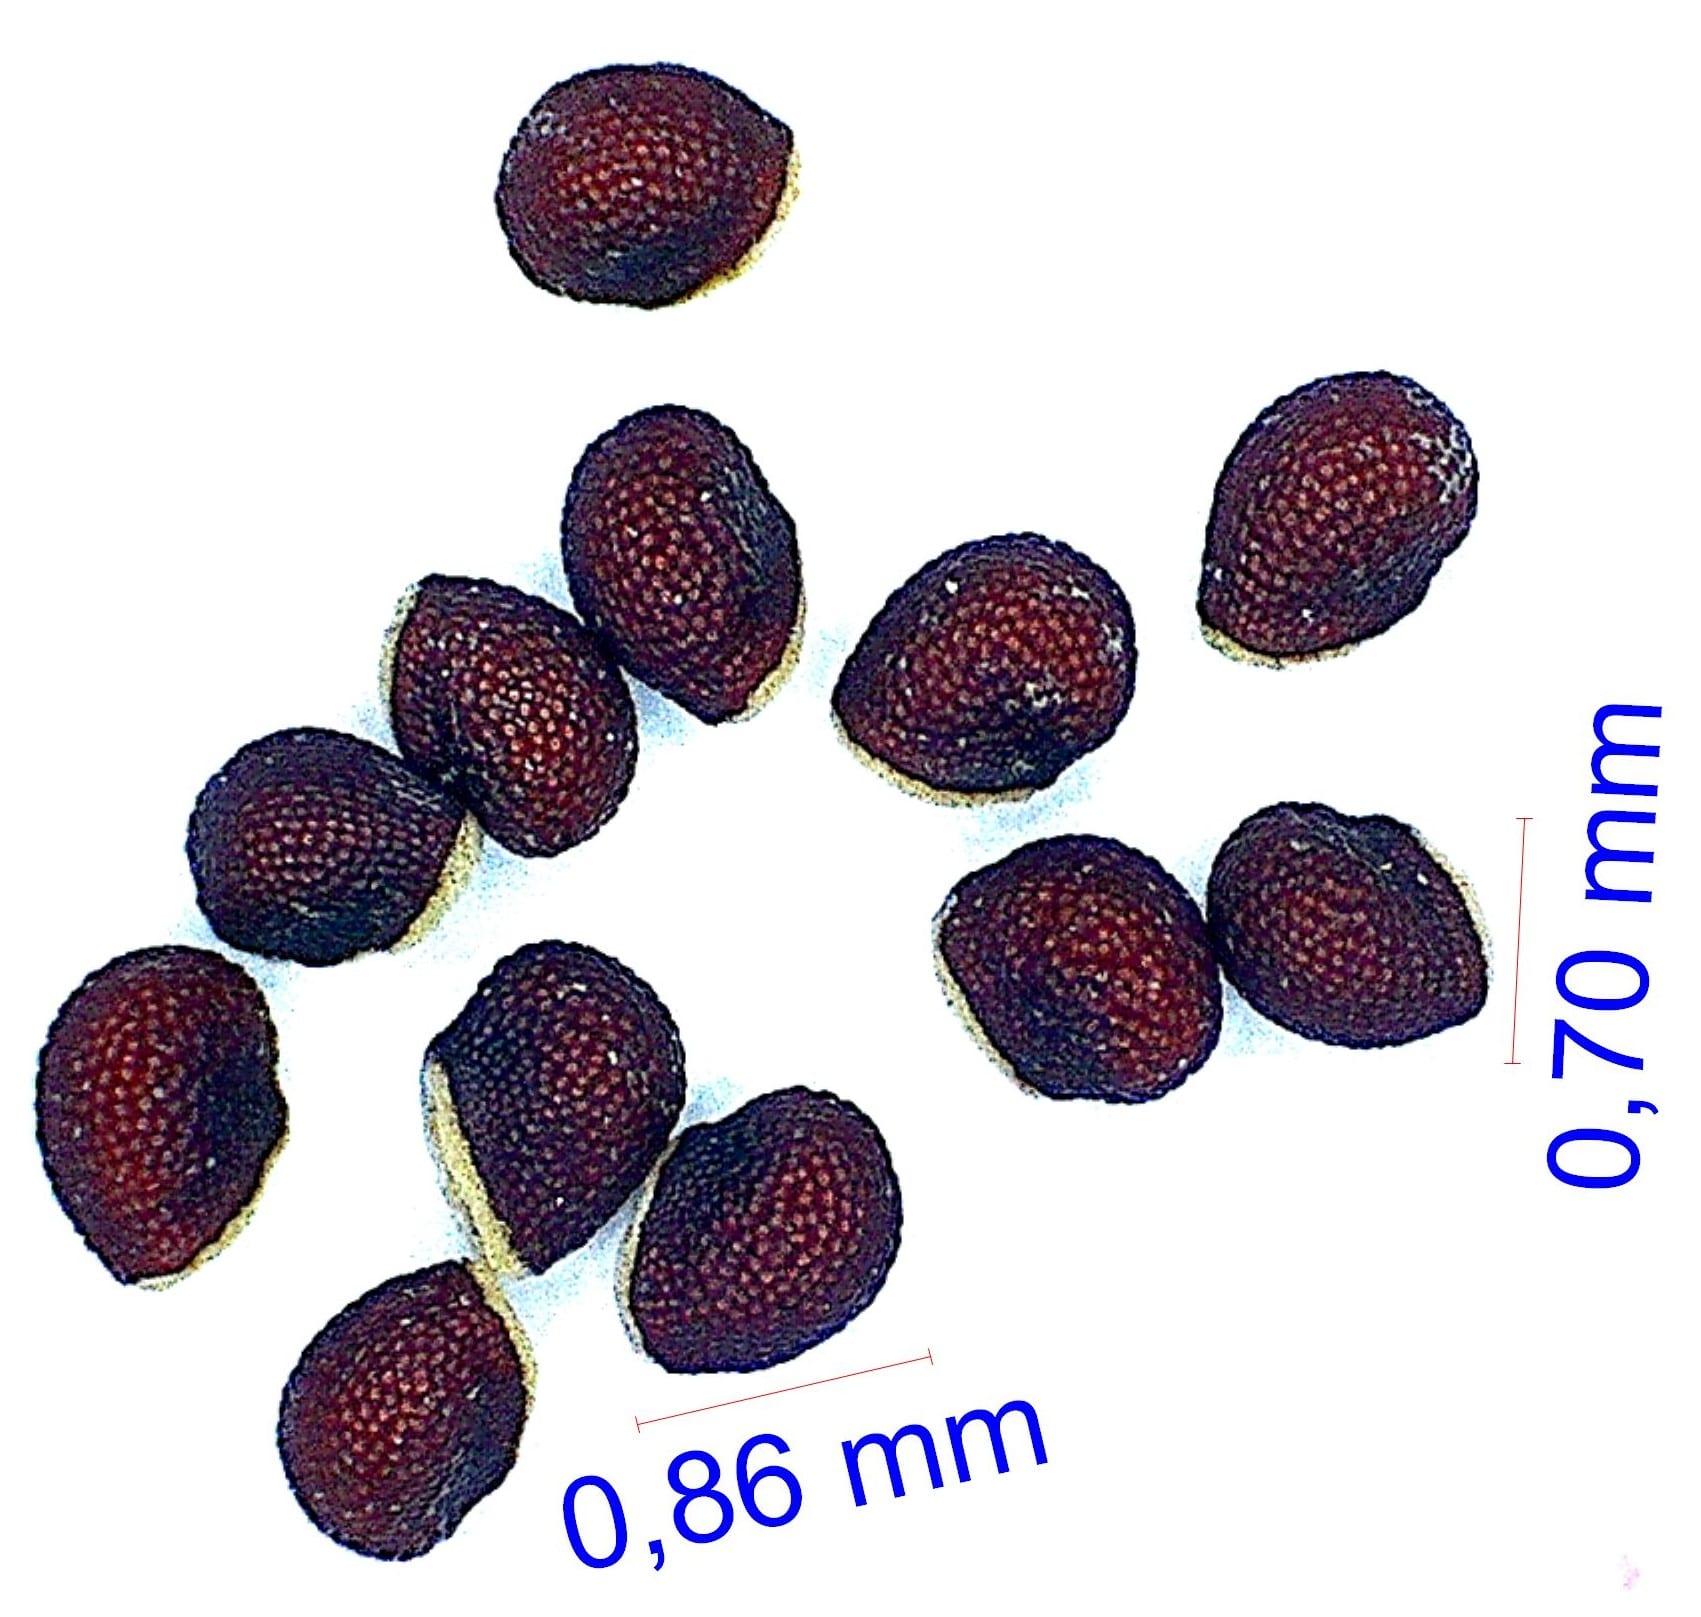 Gymnocalycium horridispinum ssp achirasense v. chacrasense LB 360. © Joël Lodé/cactus-aventures.com